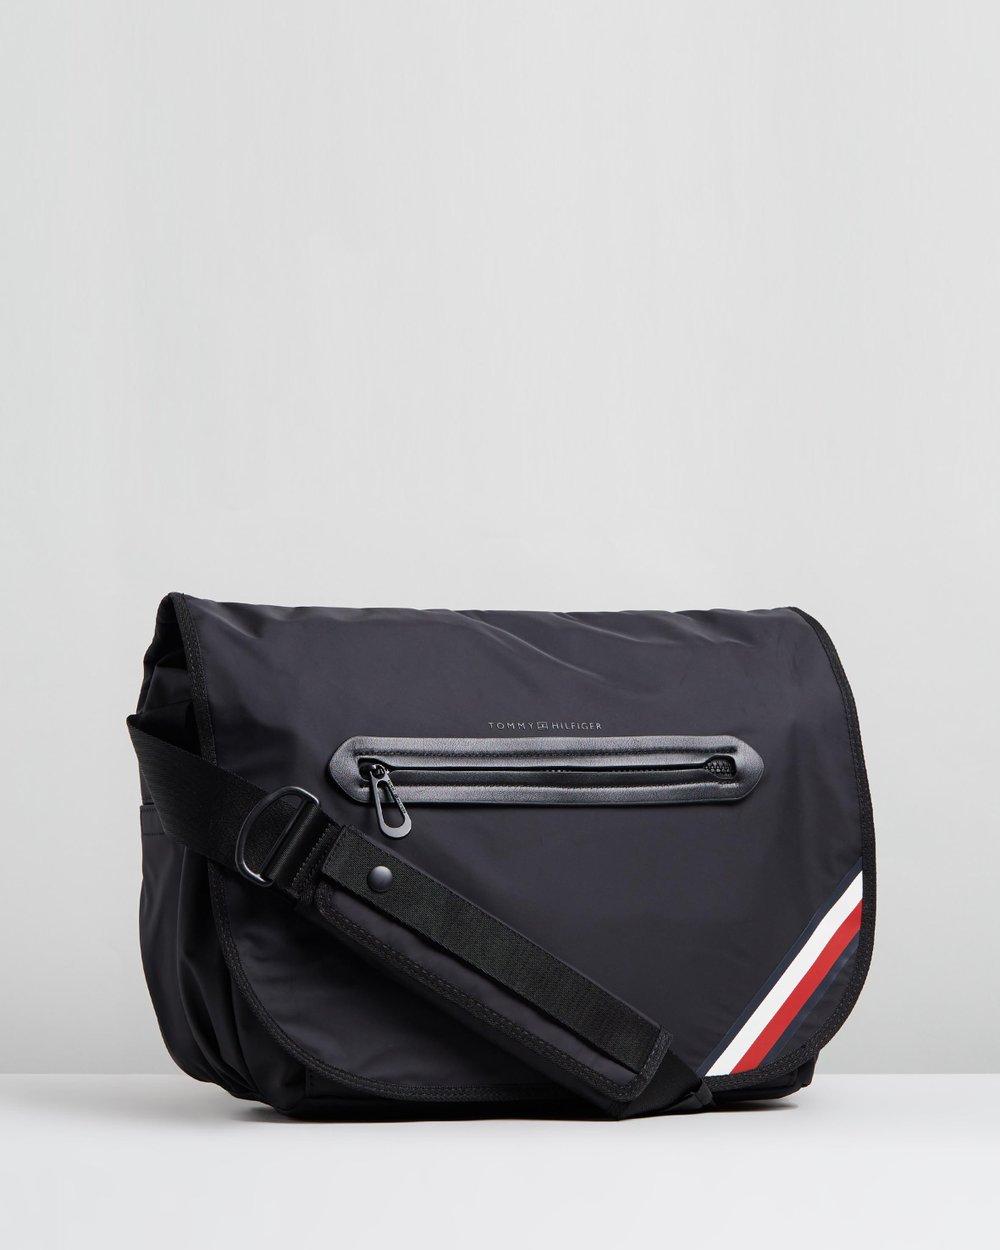 5b9427f3fd Easy Messenger Bag by Tommy Hilfiger Online